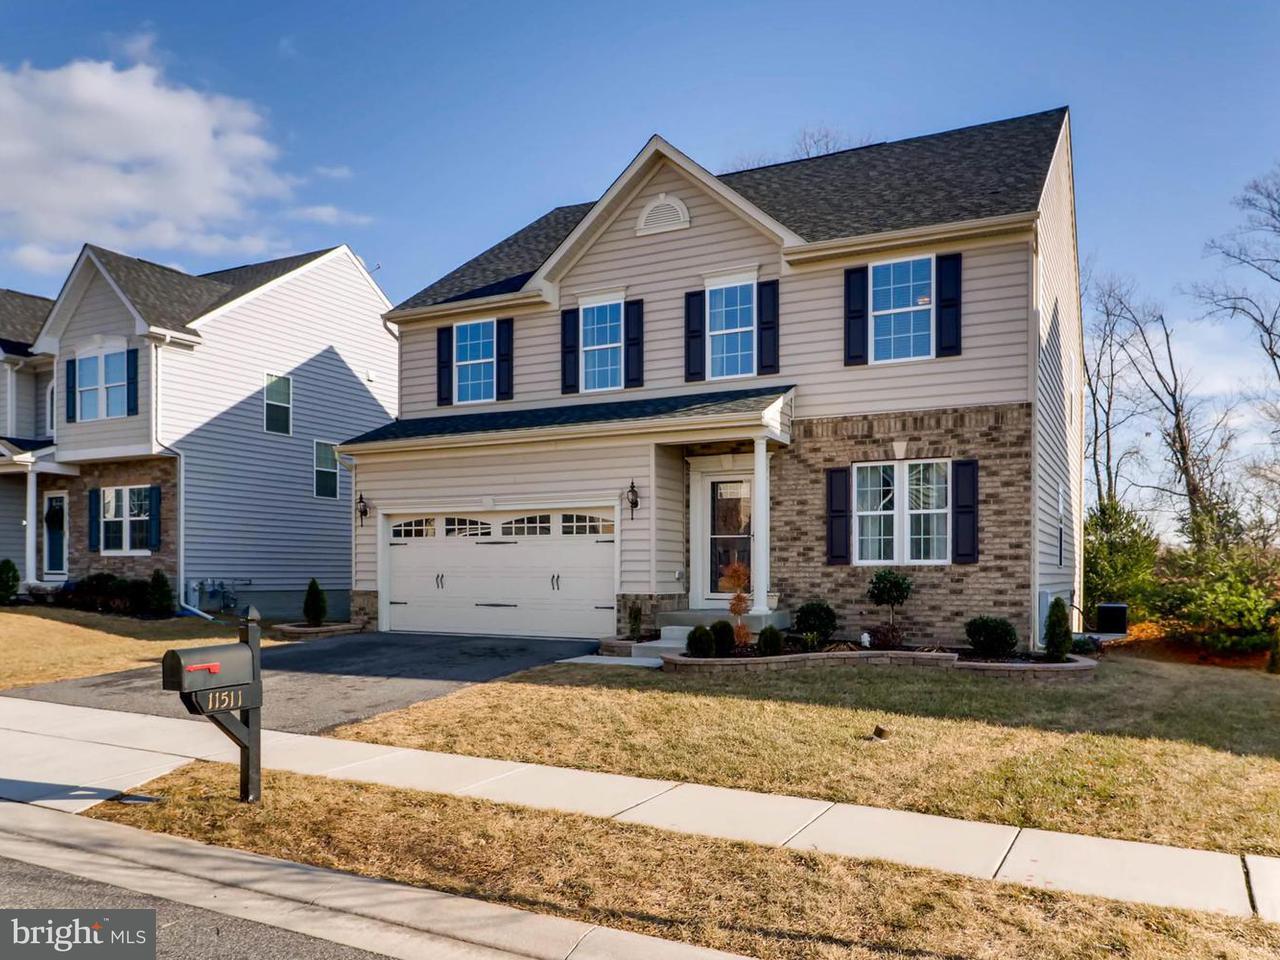 단독 가정 주택 용 매매 에 11511 Ridgedale Drive 11511 Ridgedale Drive White Marsh, 메릴랜드 21162 미국